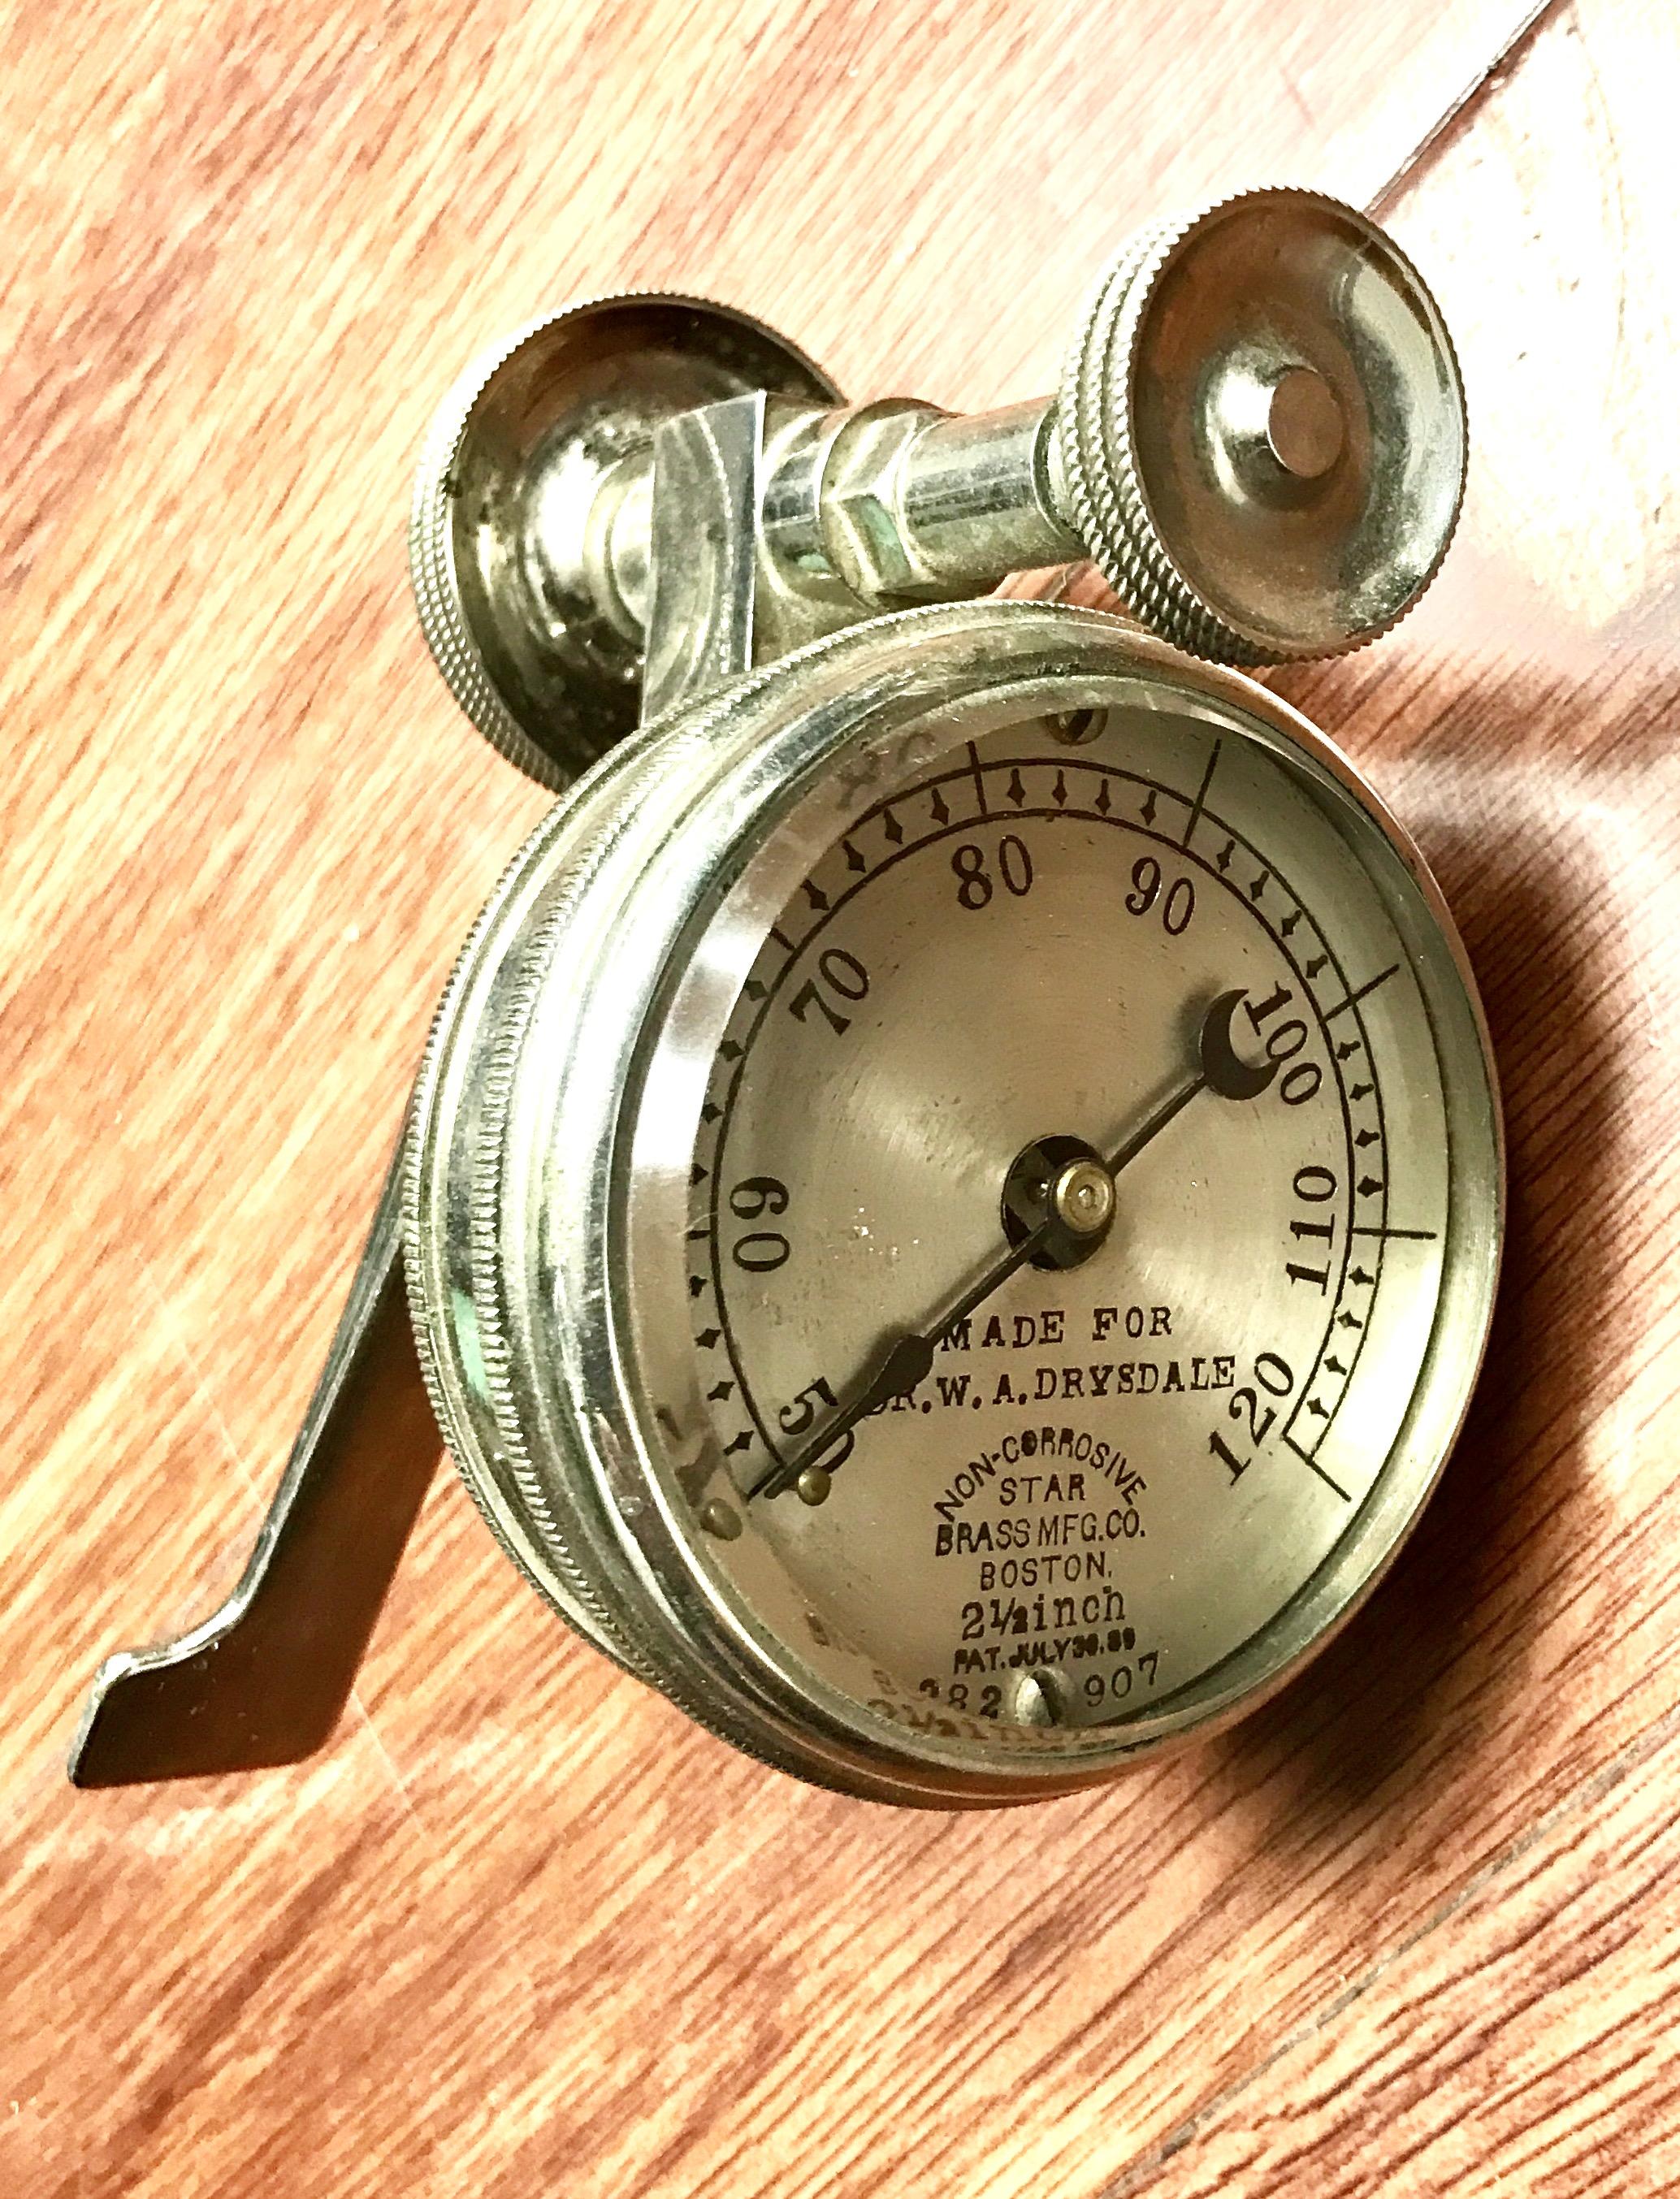 1913 Test Gauge